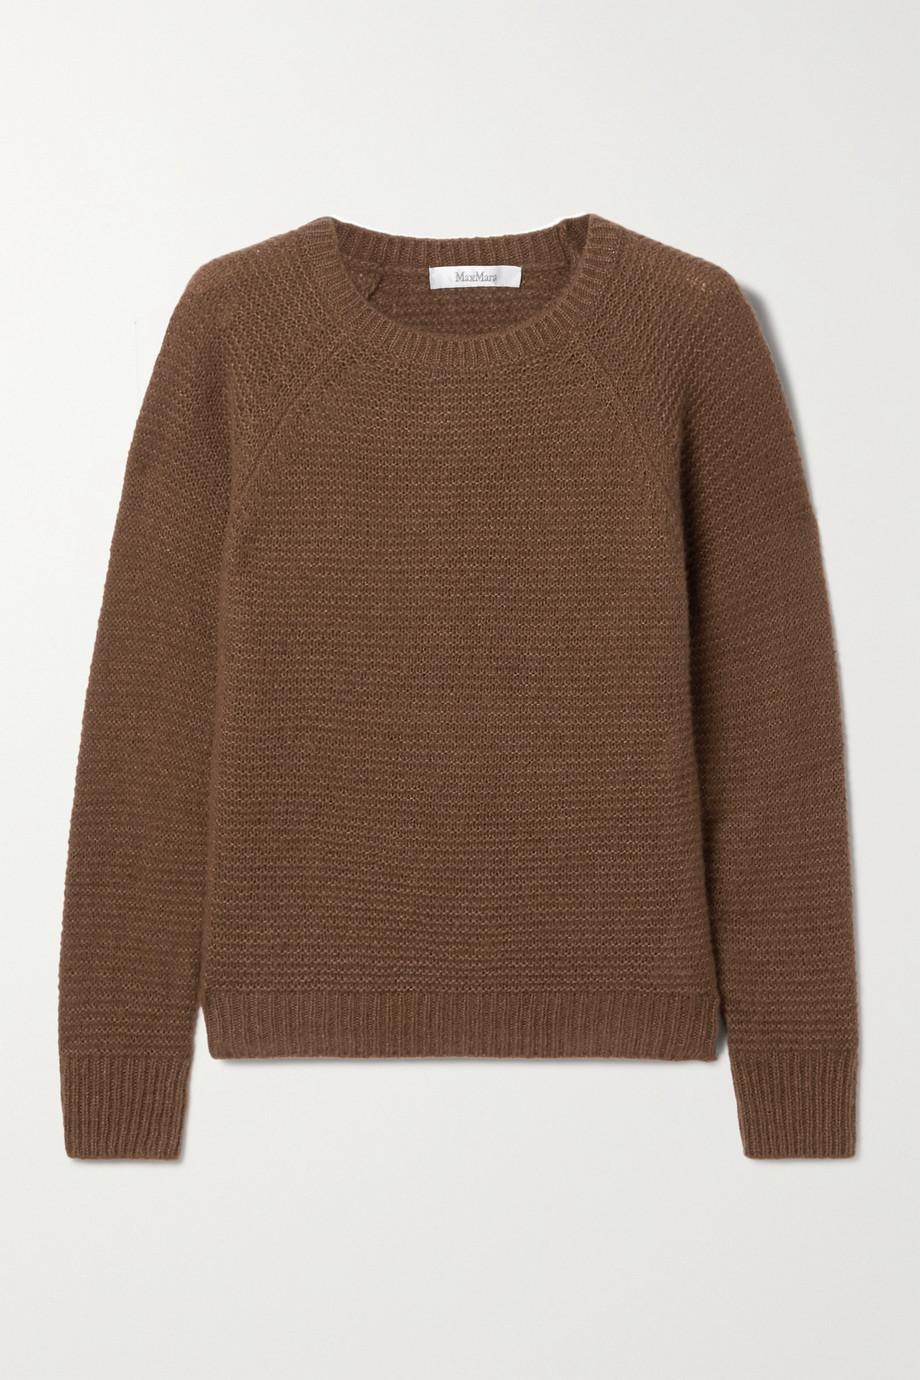 Max Mara Satrapo cashmere and silk-blend sweater